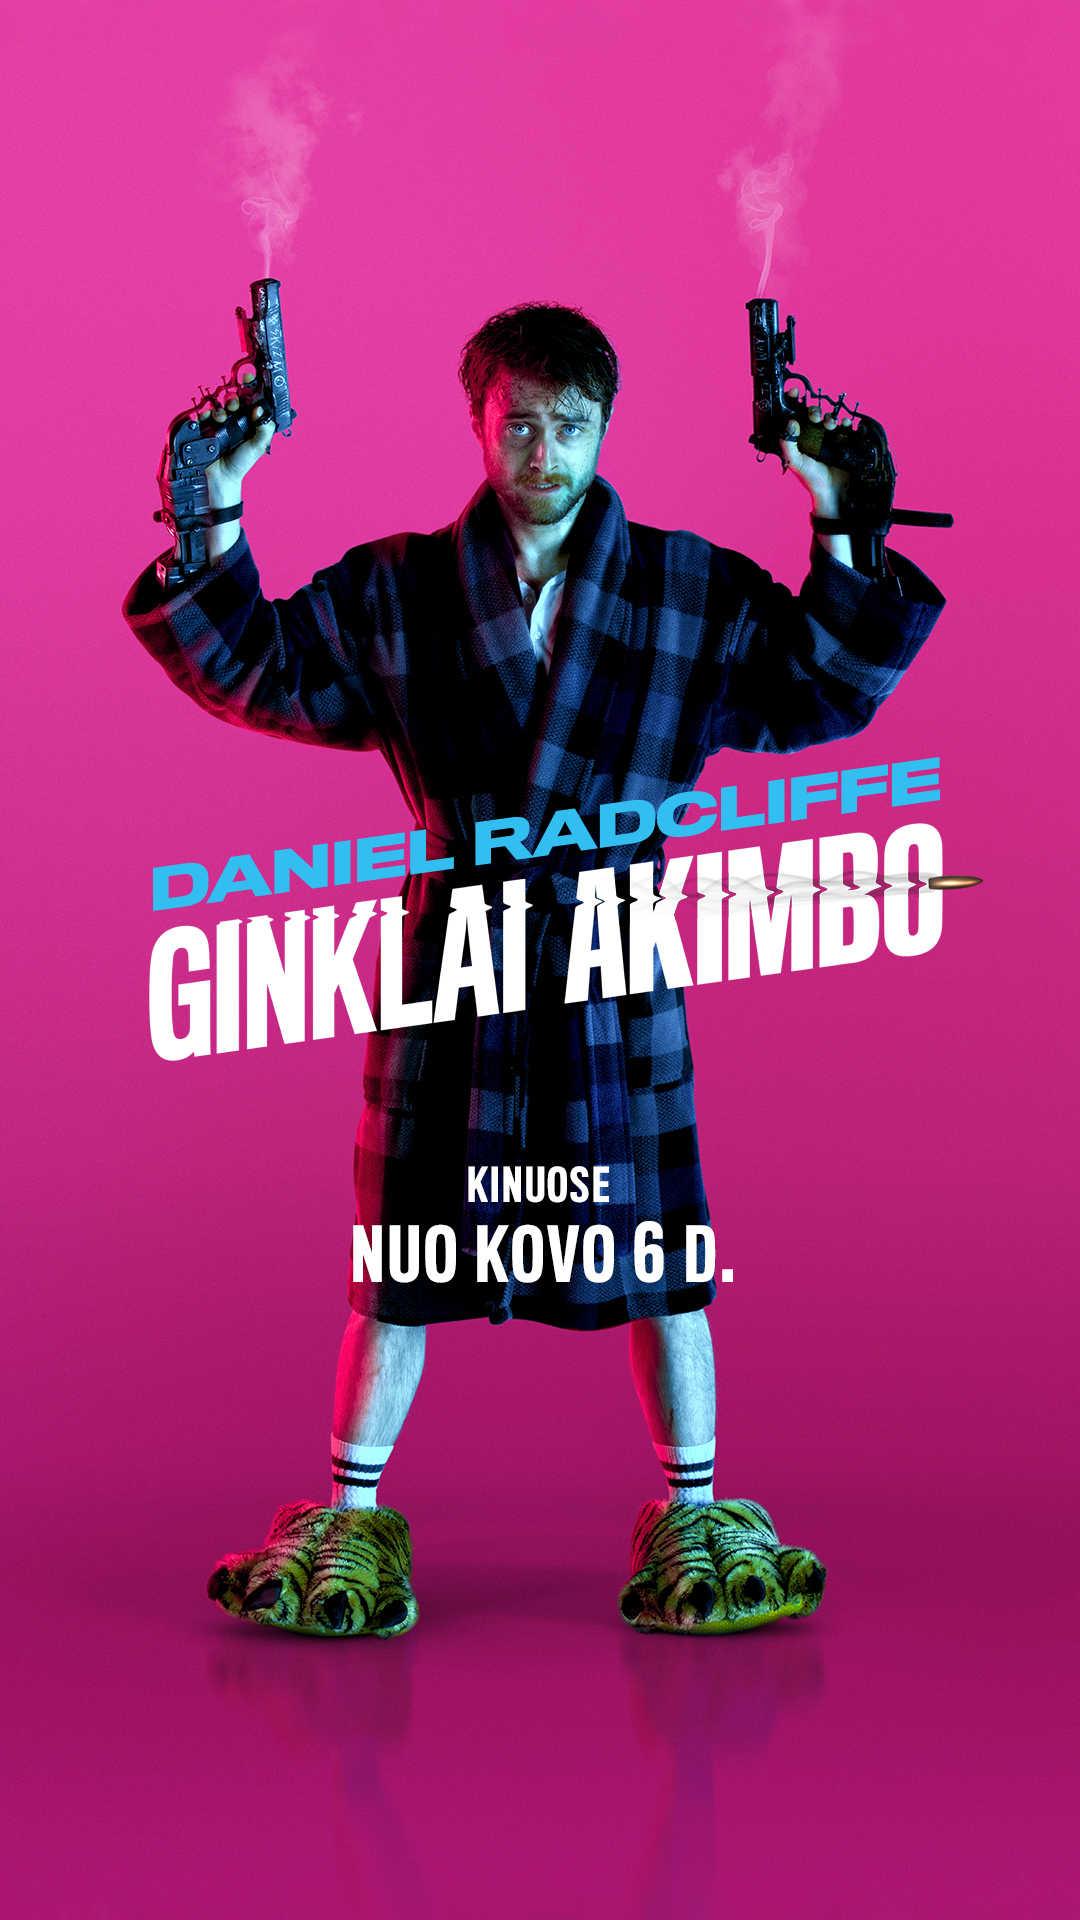 GINKLAI AKIMBO (Guns Akimbo)